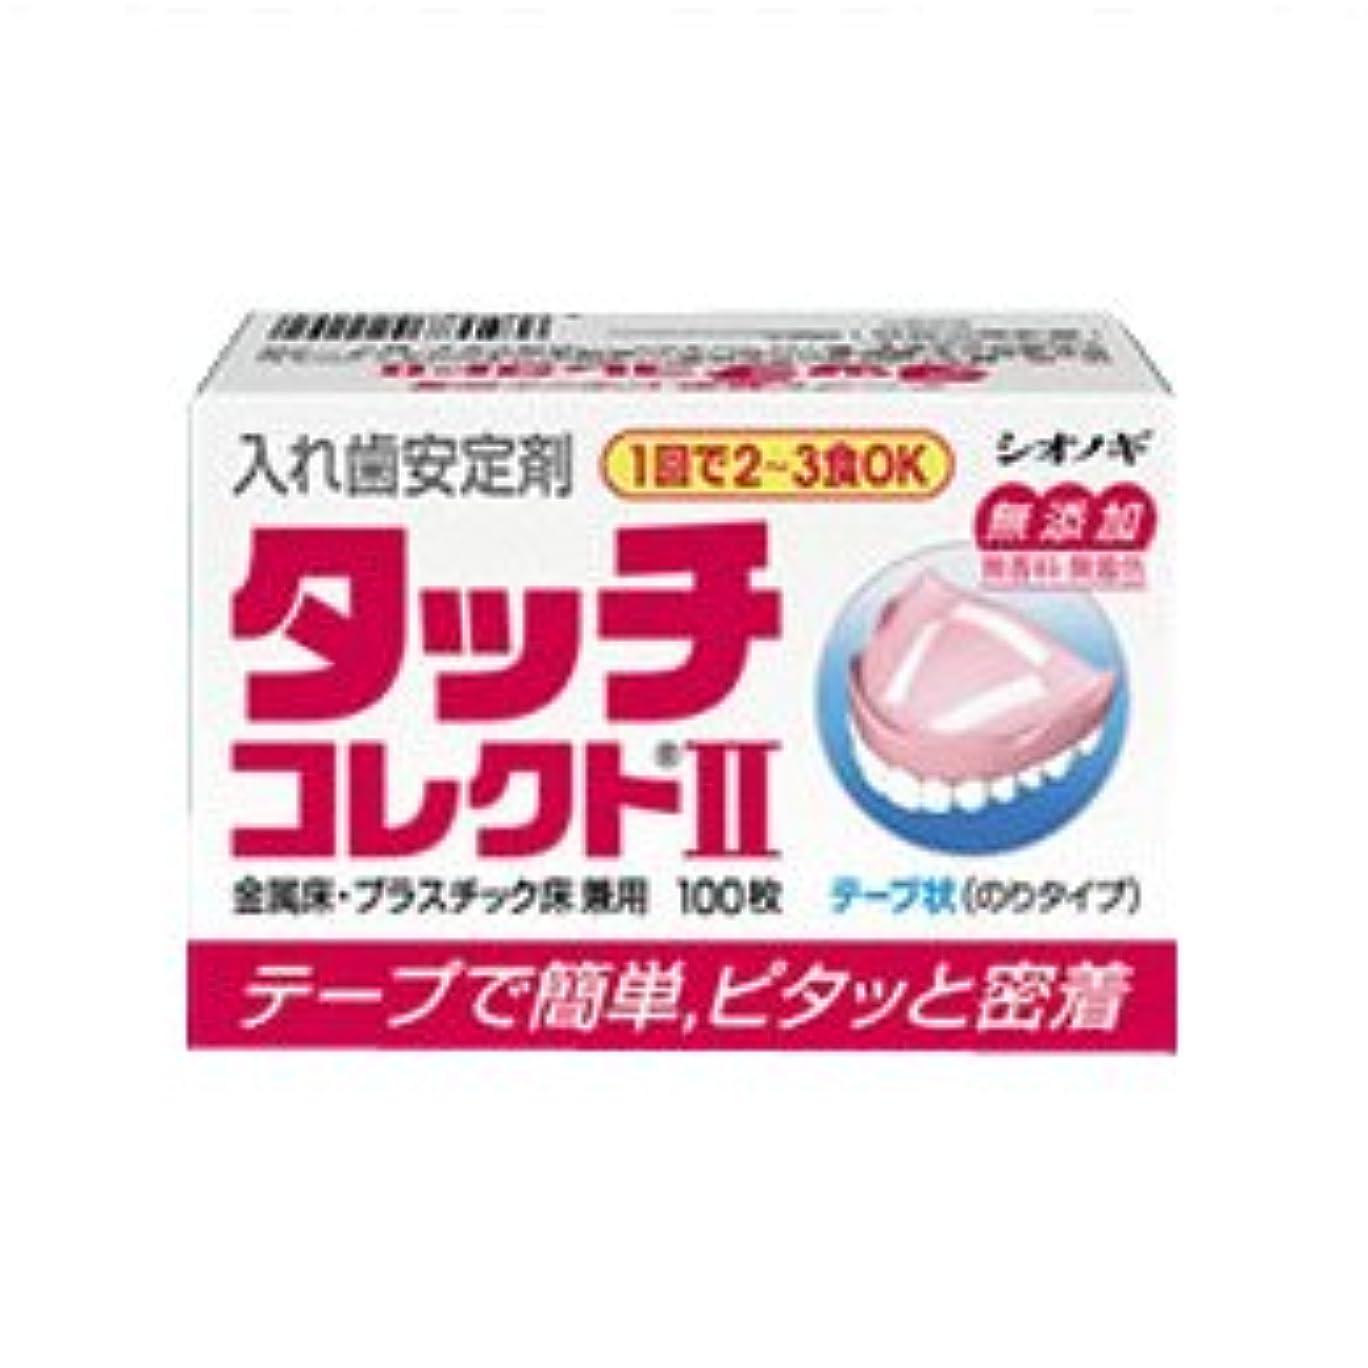 ブランチ増強努力シオノギ製薬 タッチコレクト2 テープ状 のりタイプ 100枚入